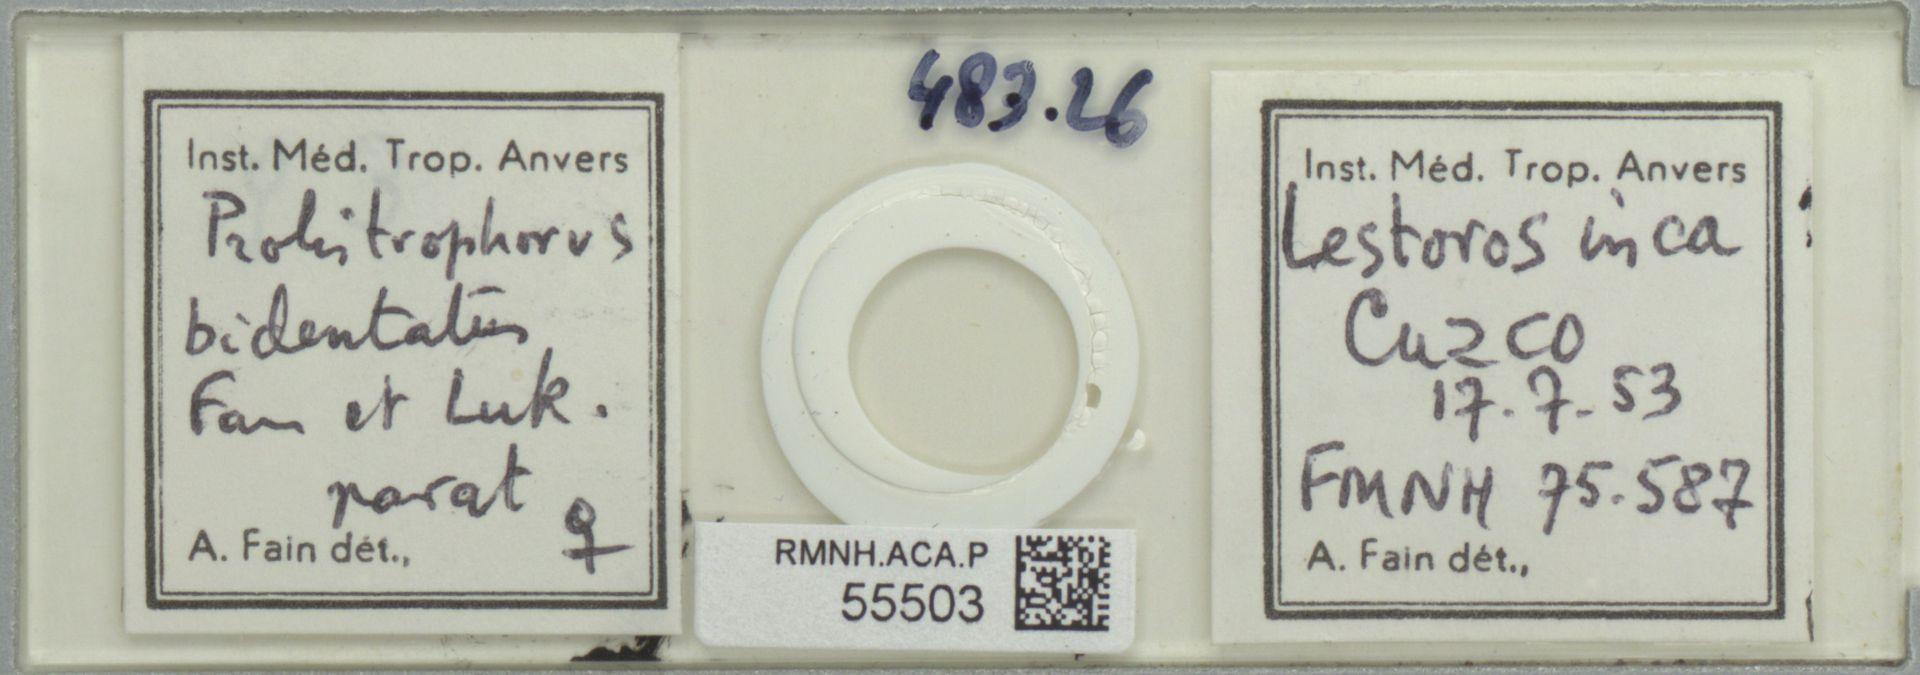 RMNH.ACA.P.55503 | Prolistrophorus bidentatus Fain et Luk.